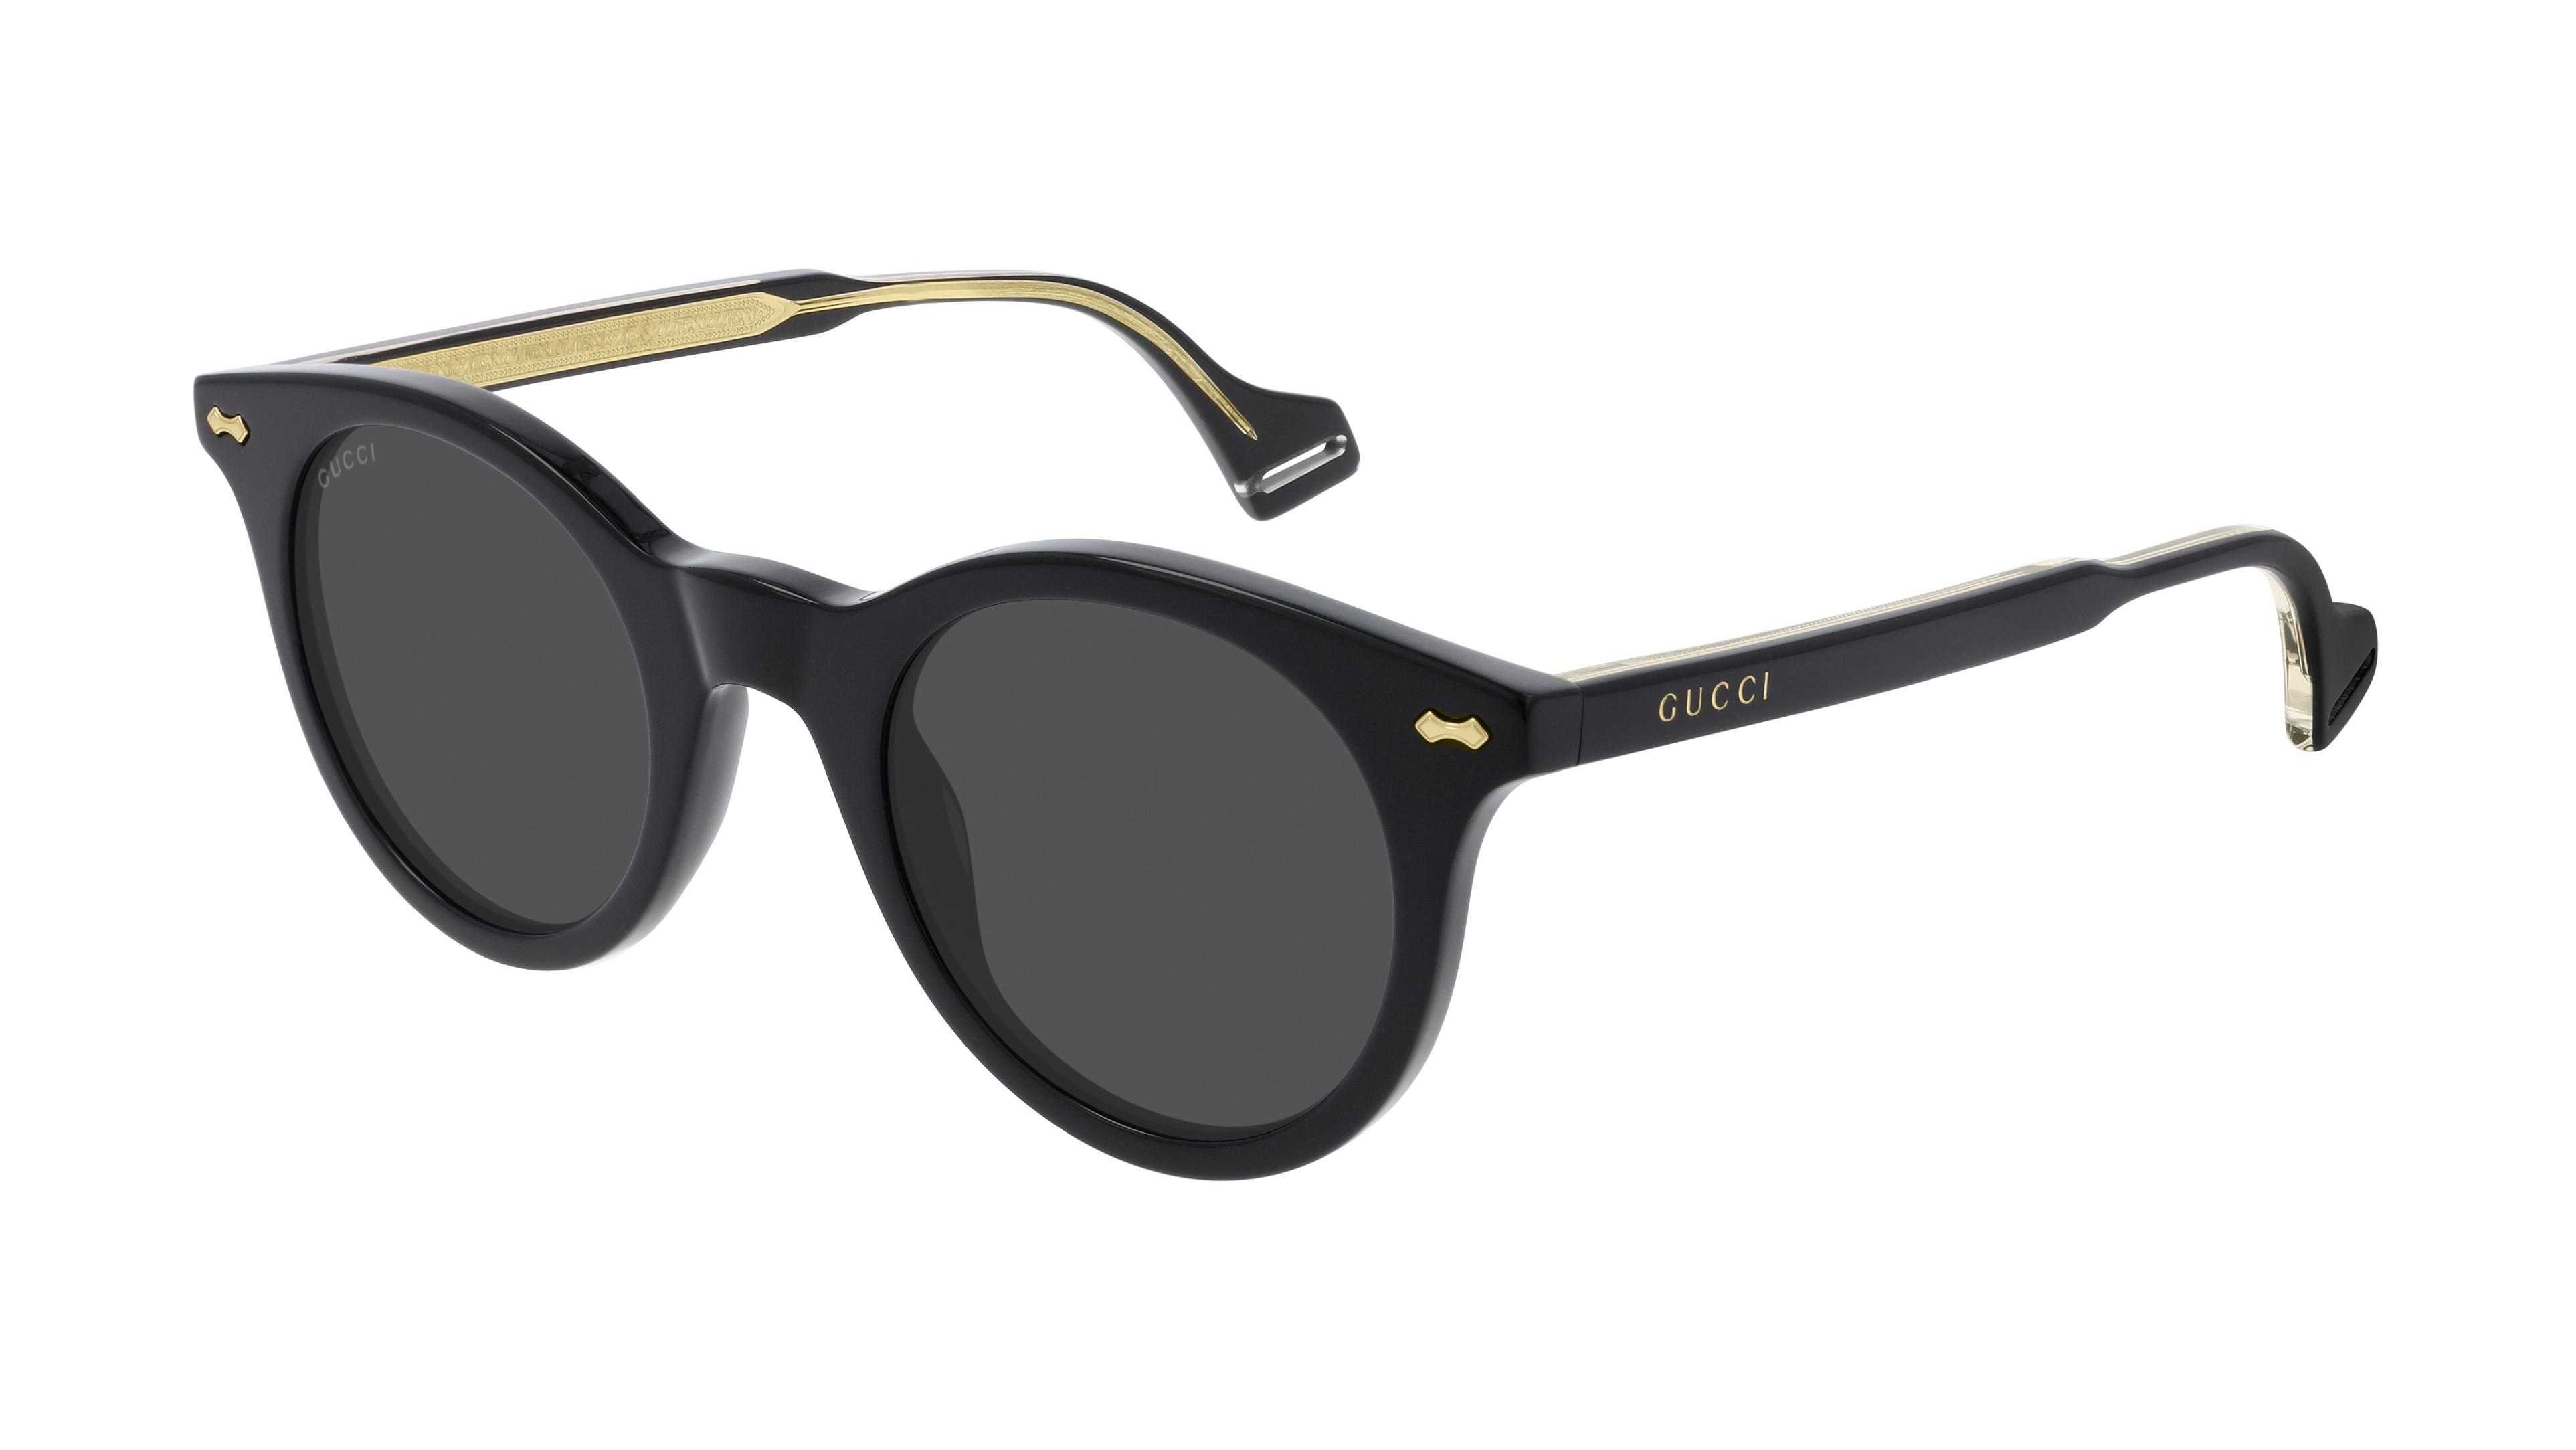 8056376321425-front-Gucci-Sunglasses-GG0736S_001